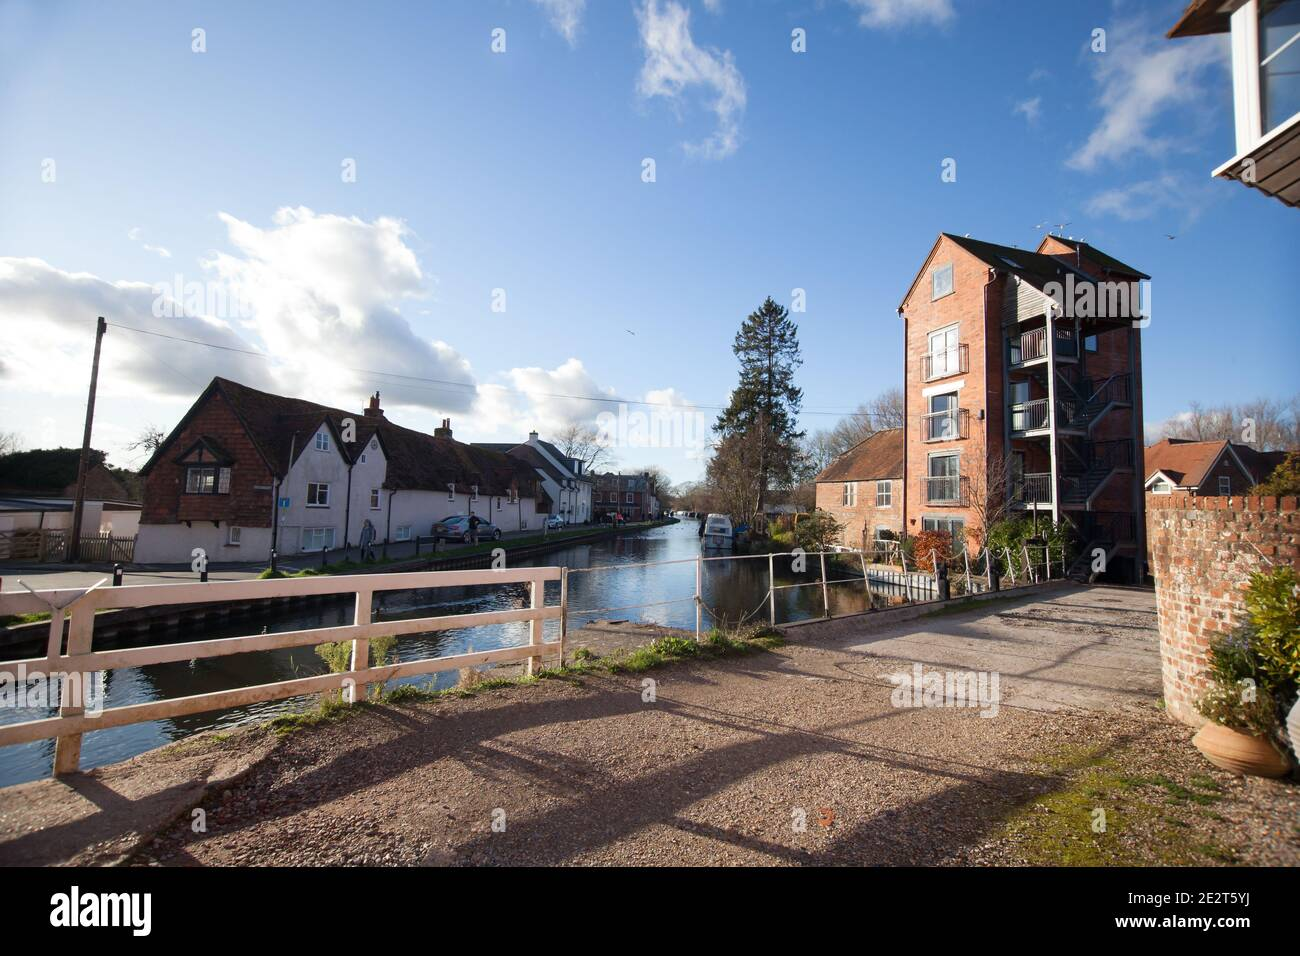 Vistas del canal junto a la cerradura en Newbury, Berkshire en el Reino Unido, tomadas el 19 de noviembre de 2020 Foto de stock